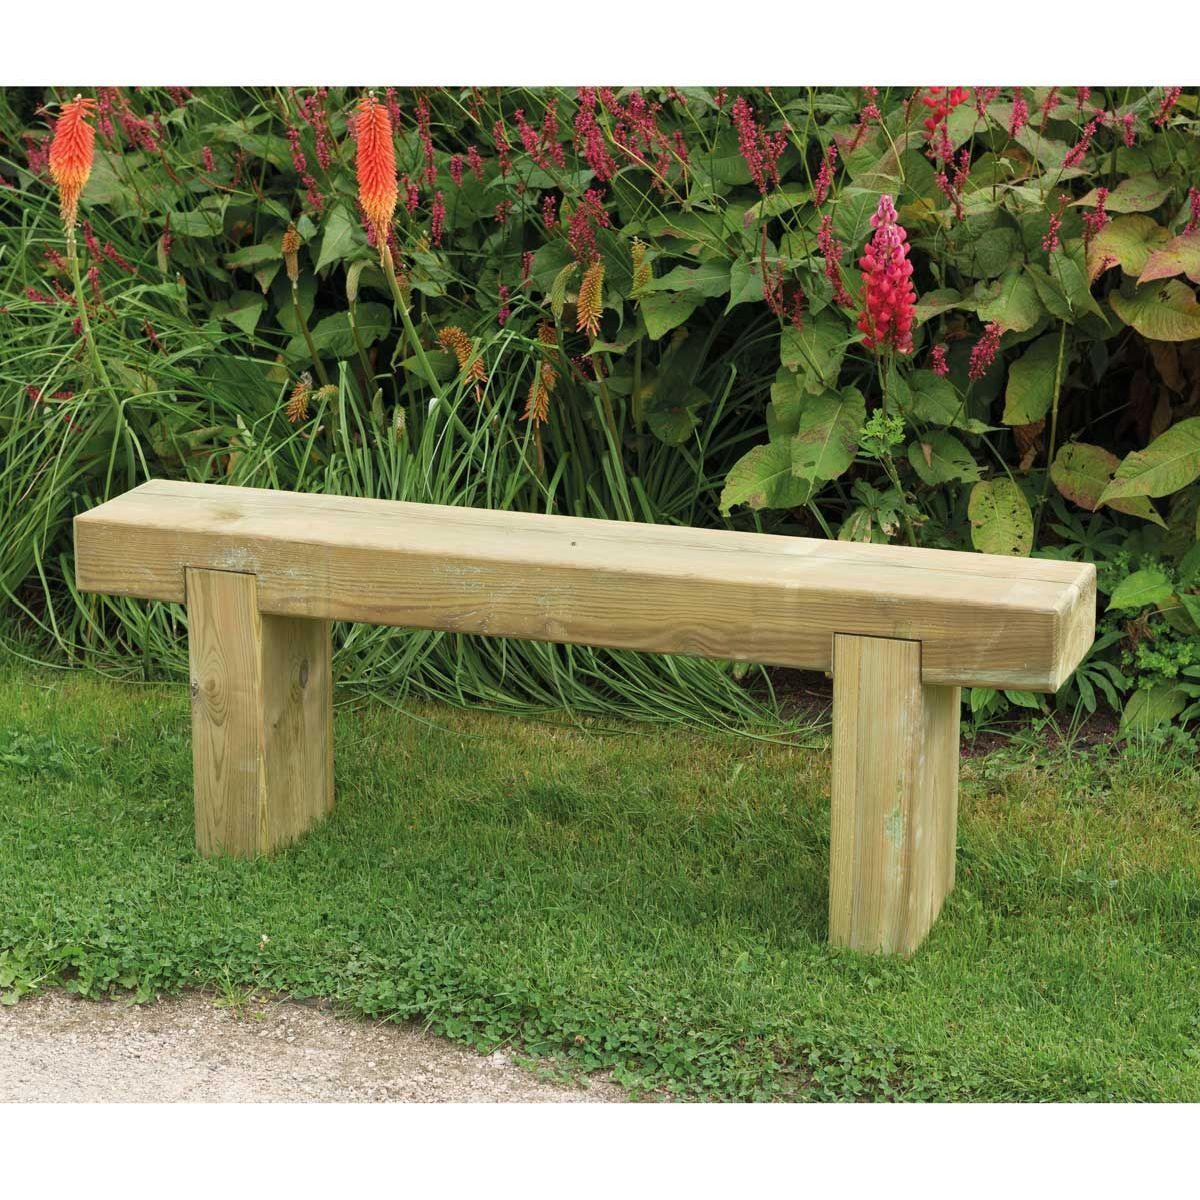 Sleeper Bench 1.2m | Notcutts | Notcutts | Garden furniture | Pinterest